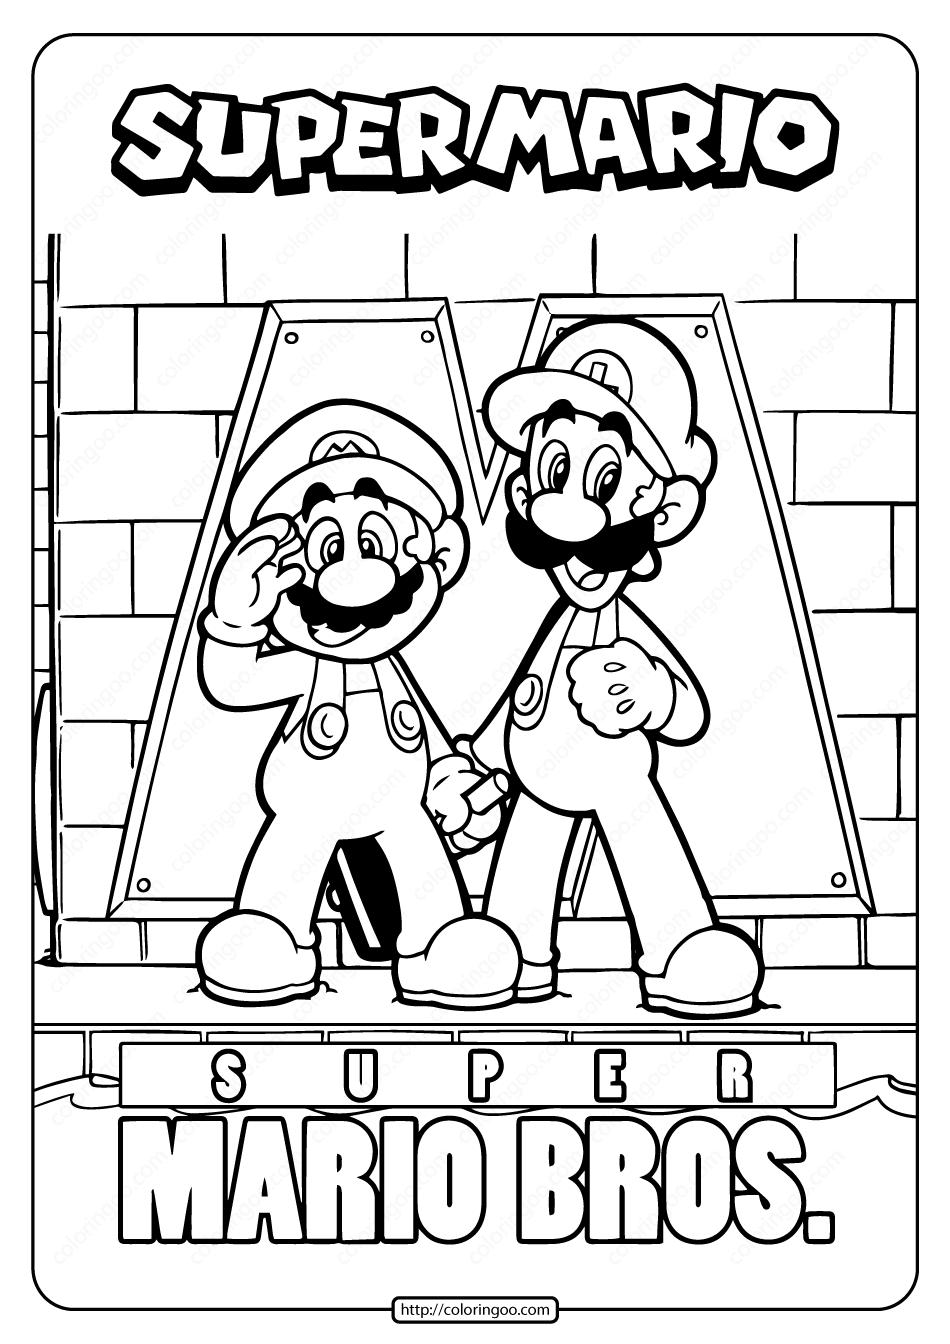 Free Printable Super Mario Bros Coloring Page  Super mario